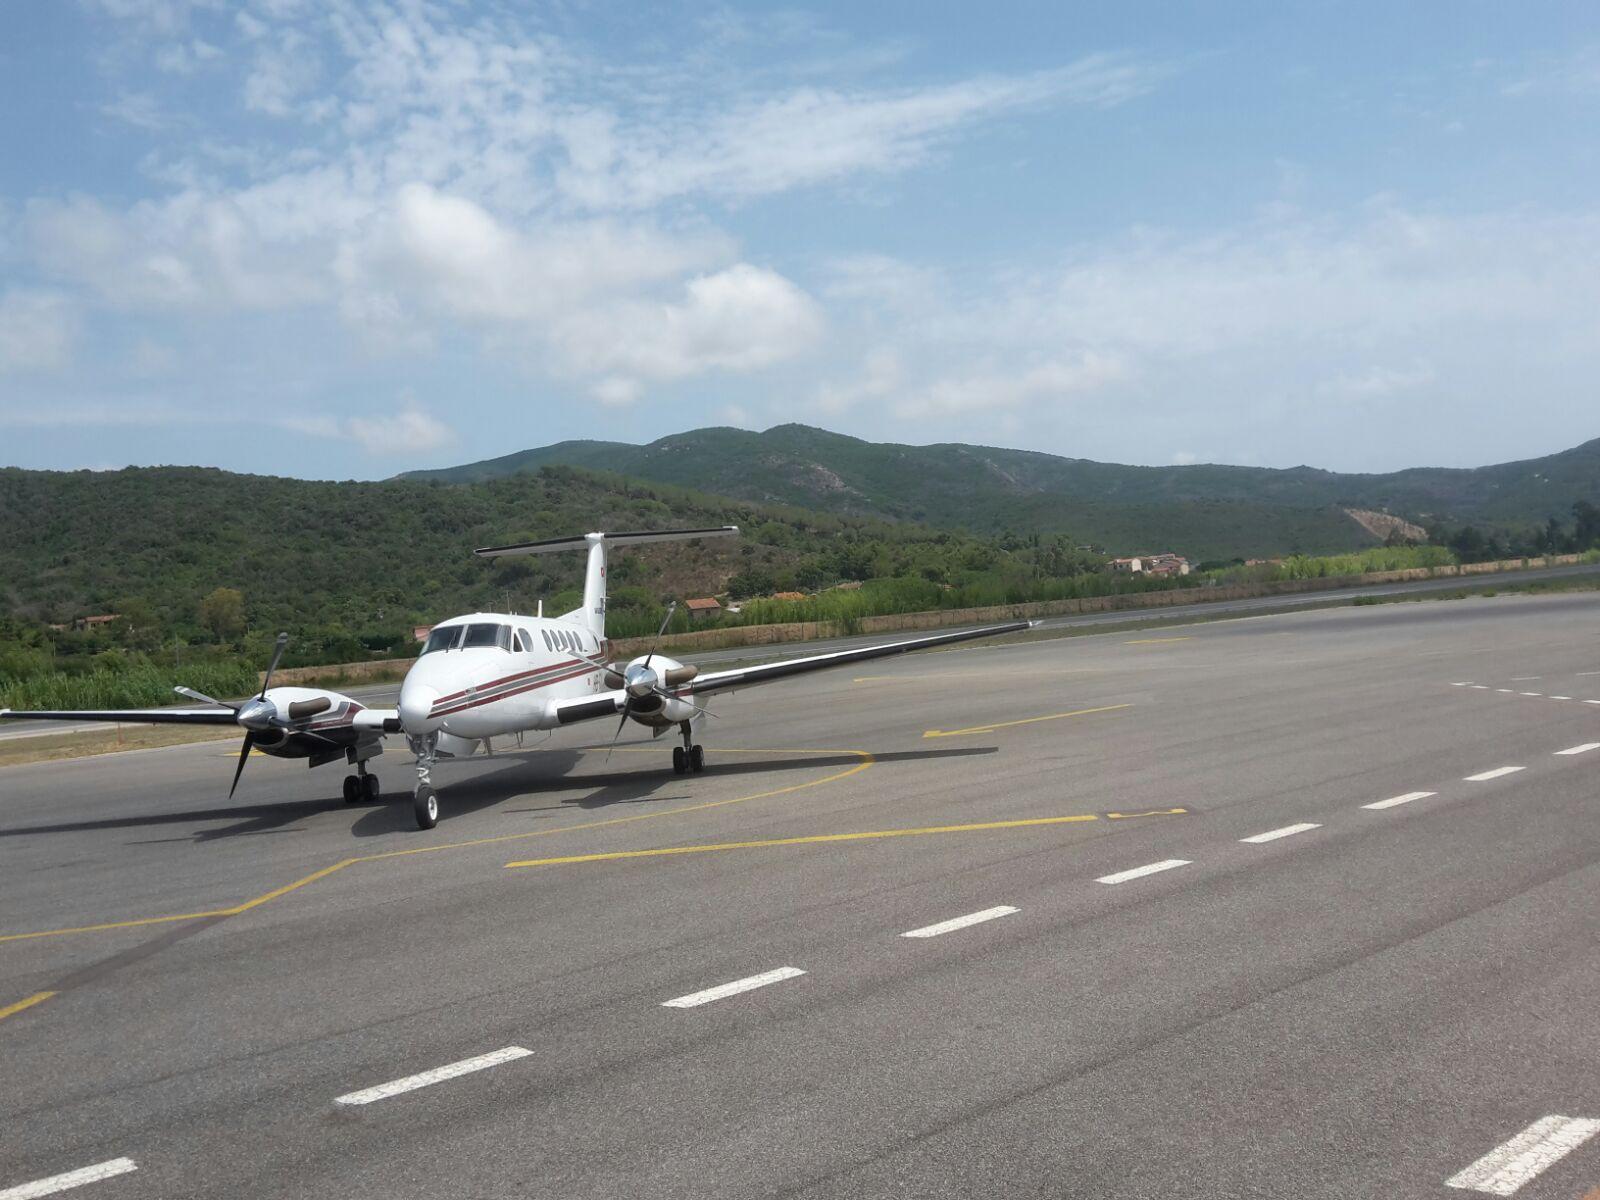 Aeroporto Elba : All aeroporto dell elba oltre milioni in tre anni ceccarelli